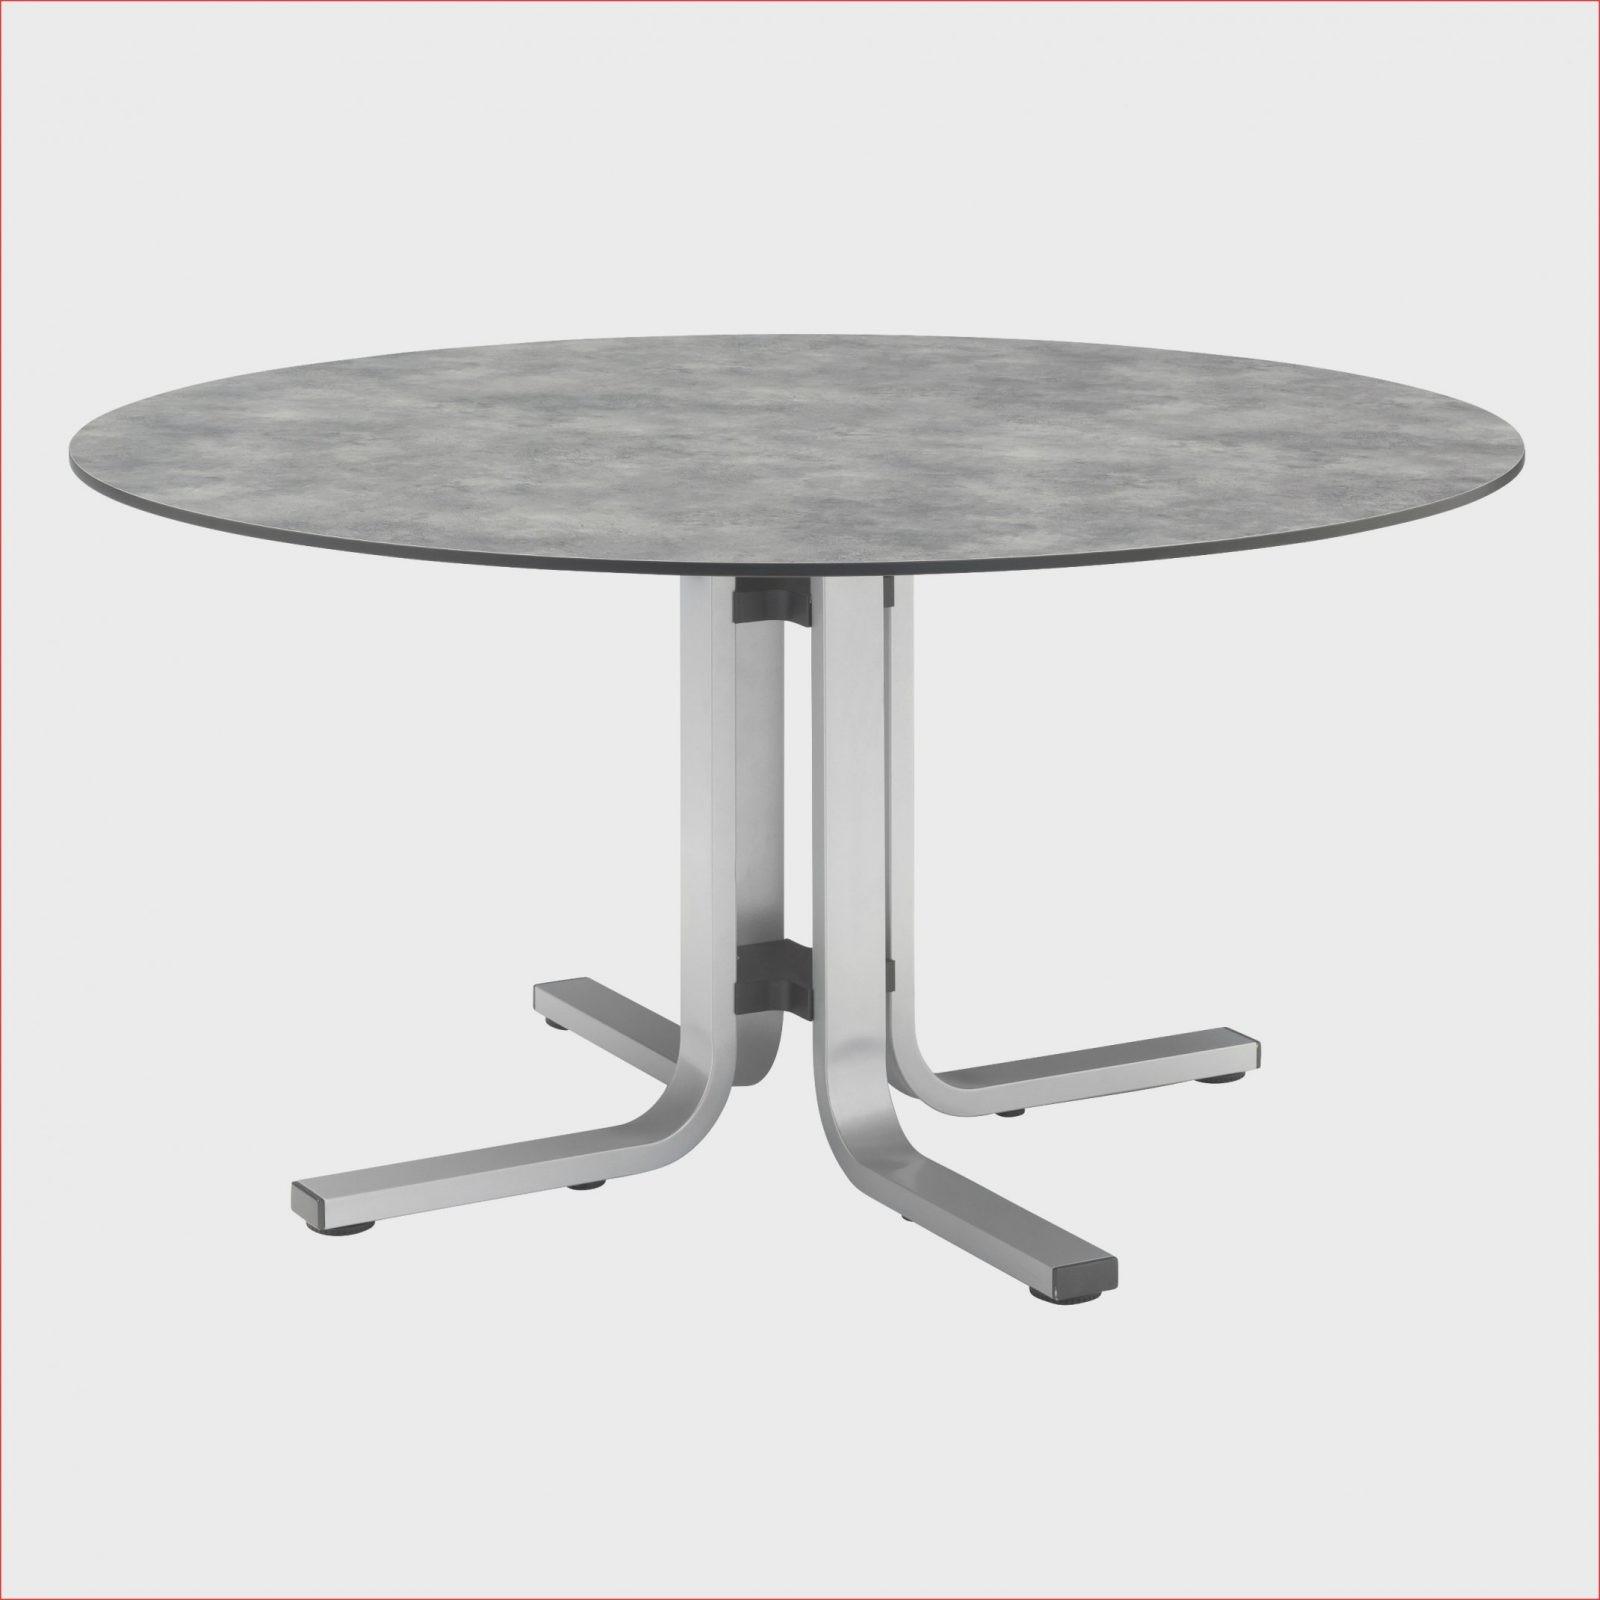 Gartentisch Rund 120 Cm Metall Gartentisch Rund 150 Cm